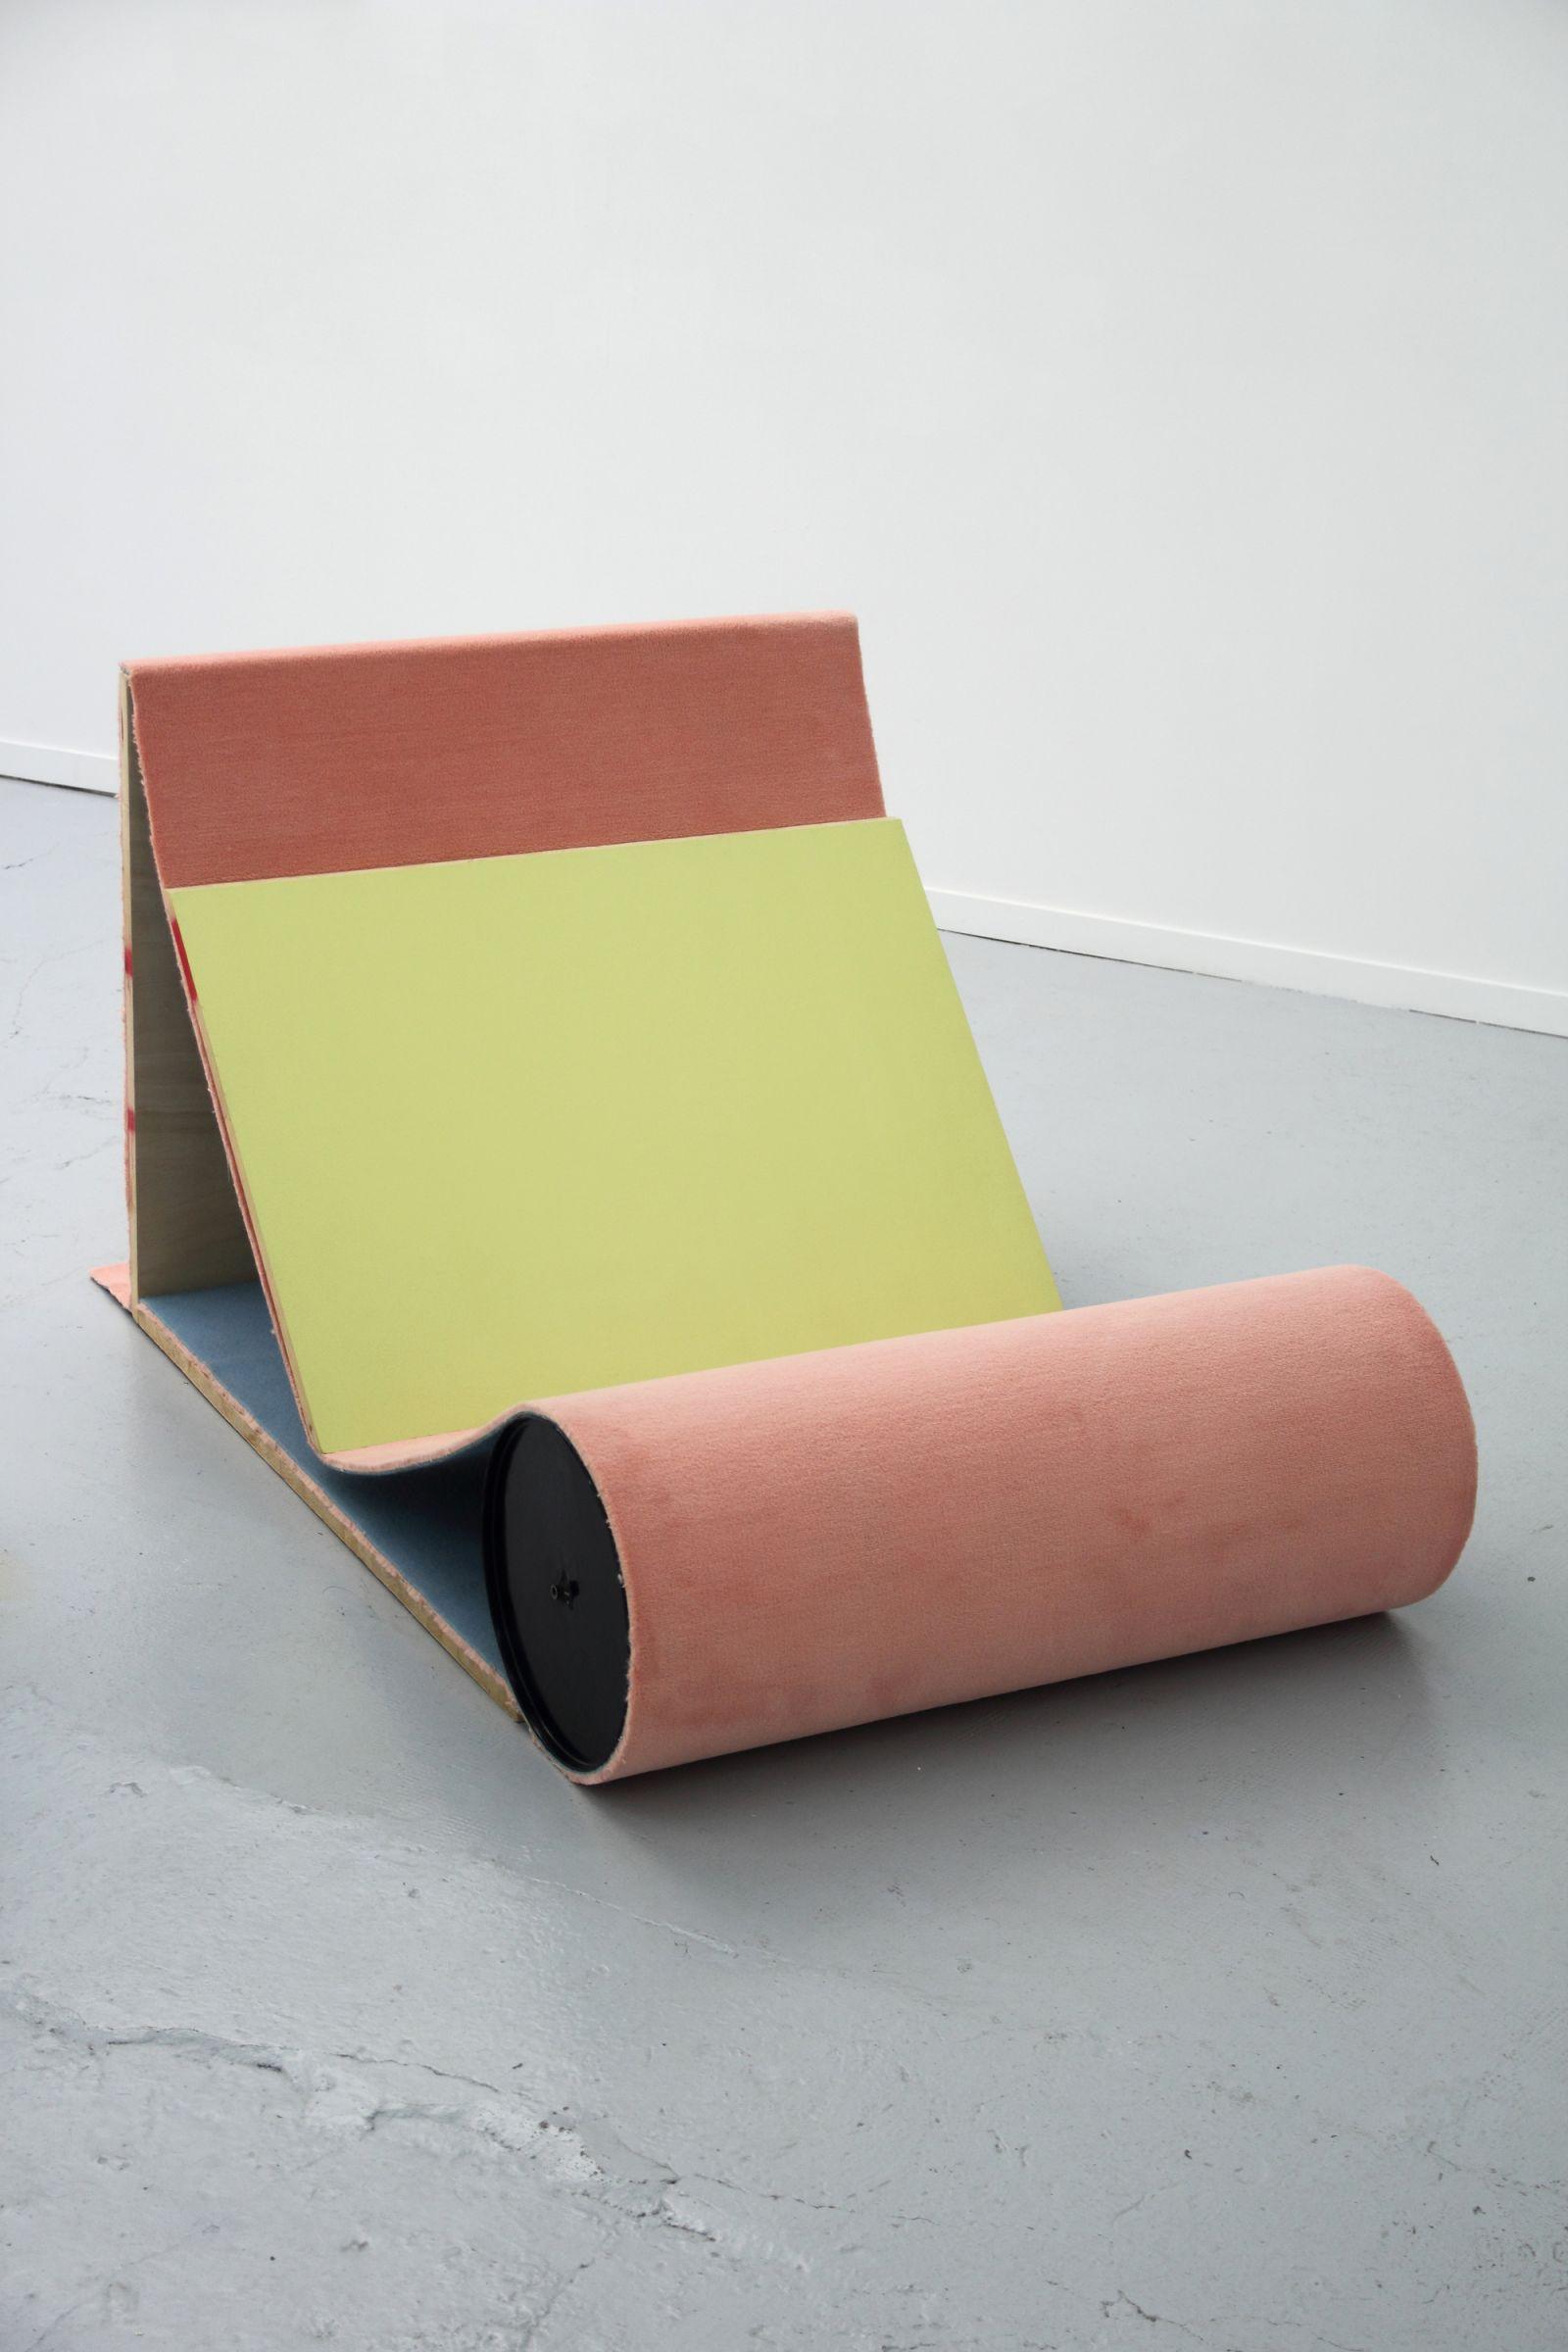 jean-francois-leroy-assis-couche-1-2013-moquette-bois-acrylique-metal-155x100x100cm-841569dba2e399fc80cd7aefe6288467